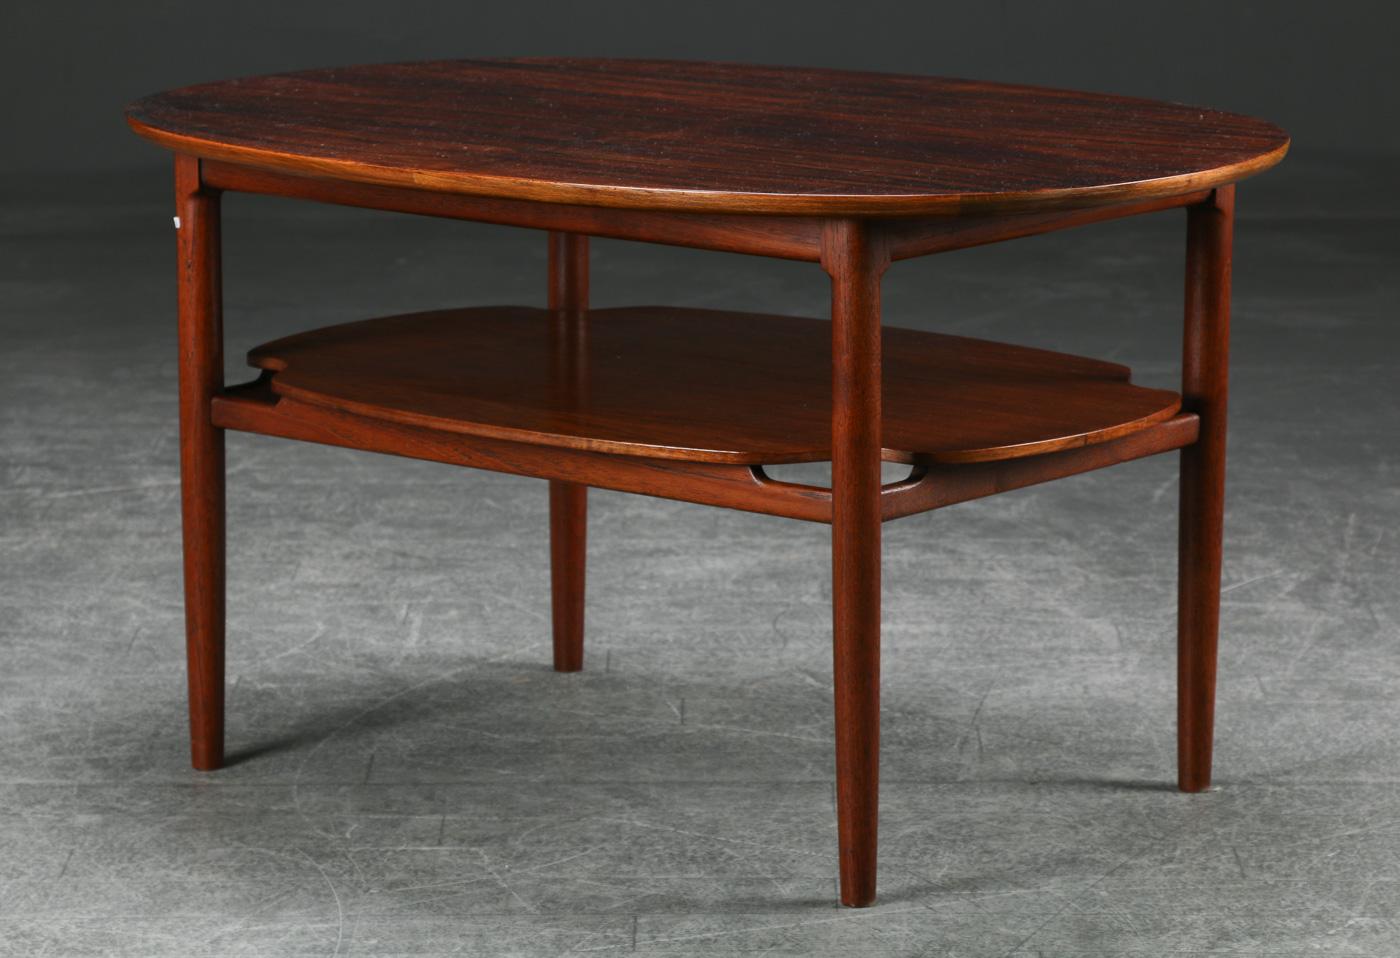 Sofabord af nøddetræ, 1940erne - Sofabord med oval plade af fineret nøddetræ, 1940erne. H. 55, 98 x 72 cm. Alm. brugsspor